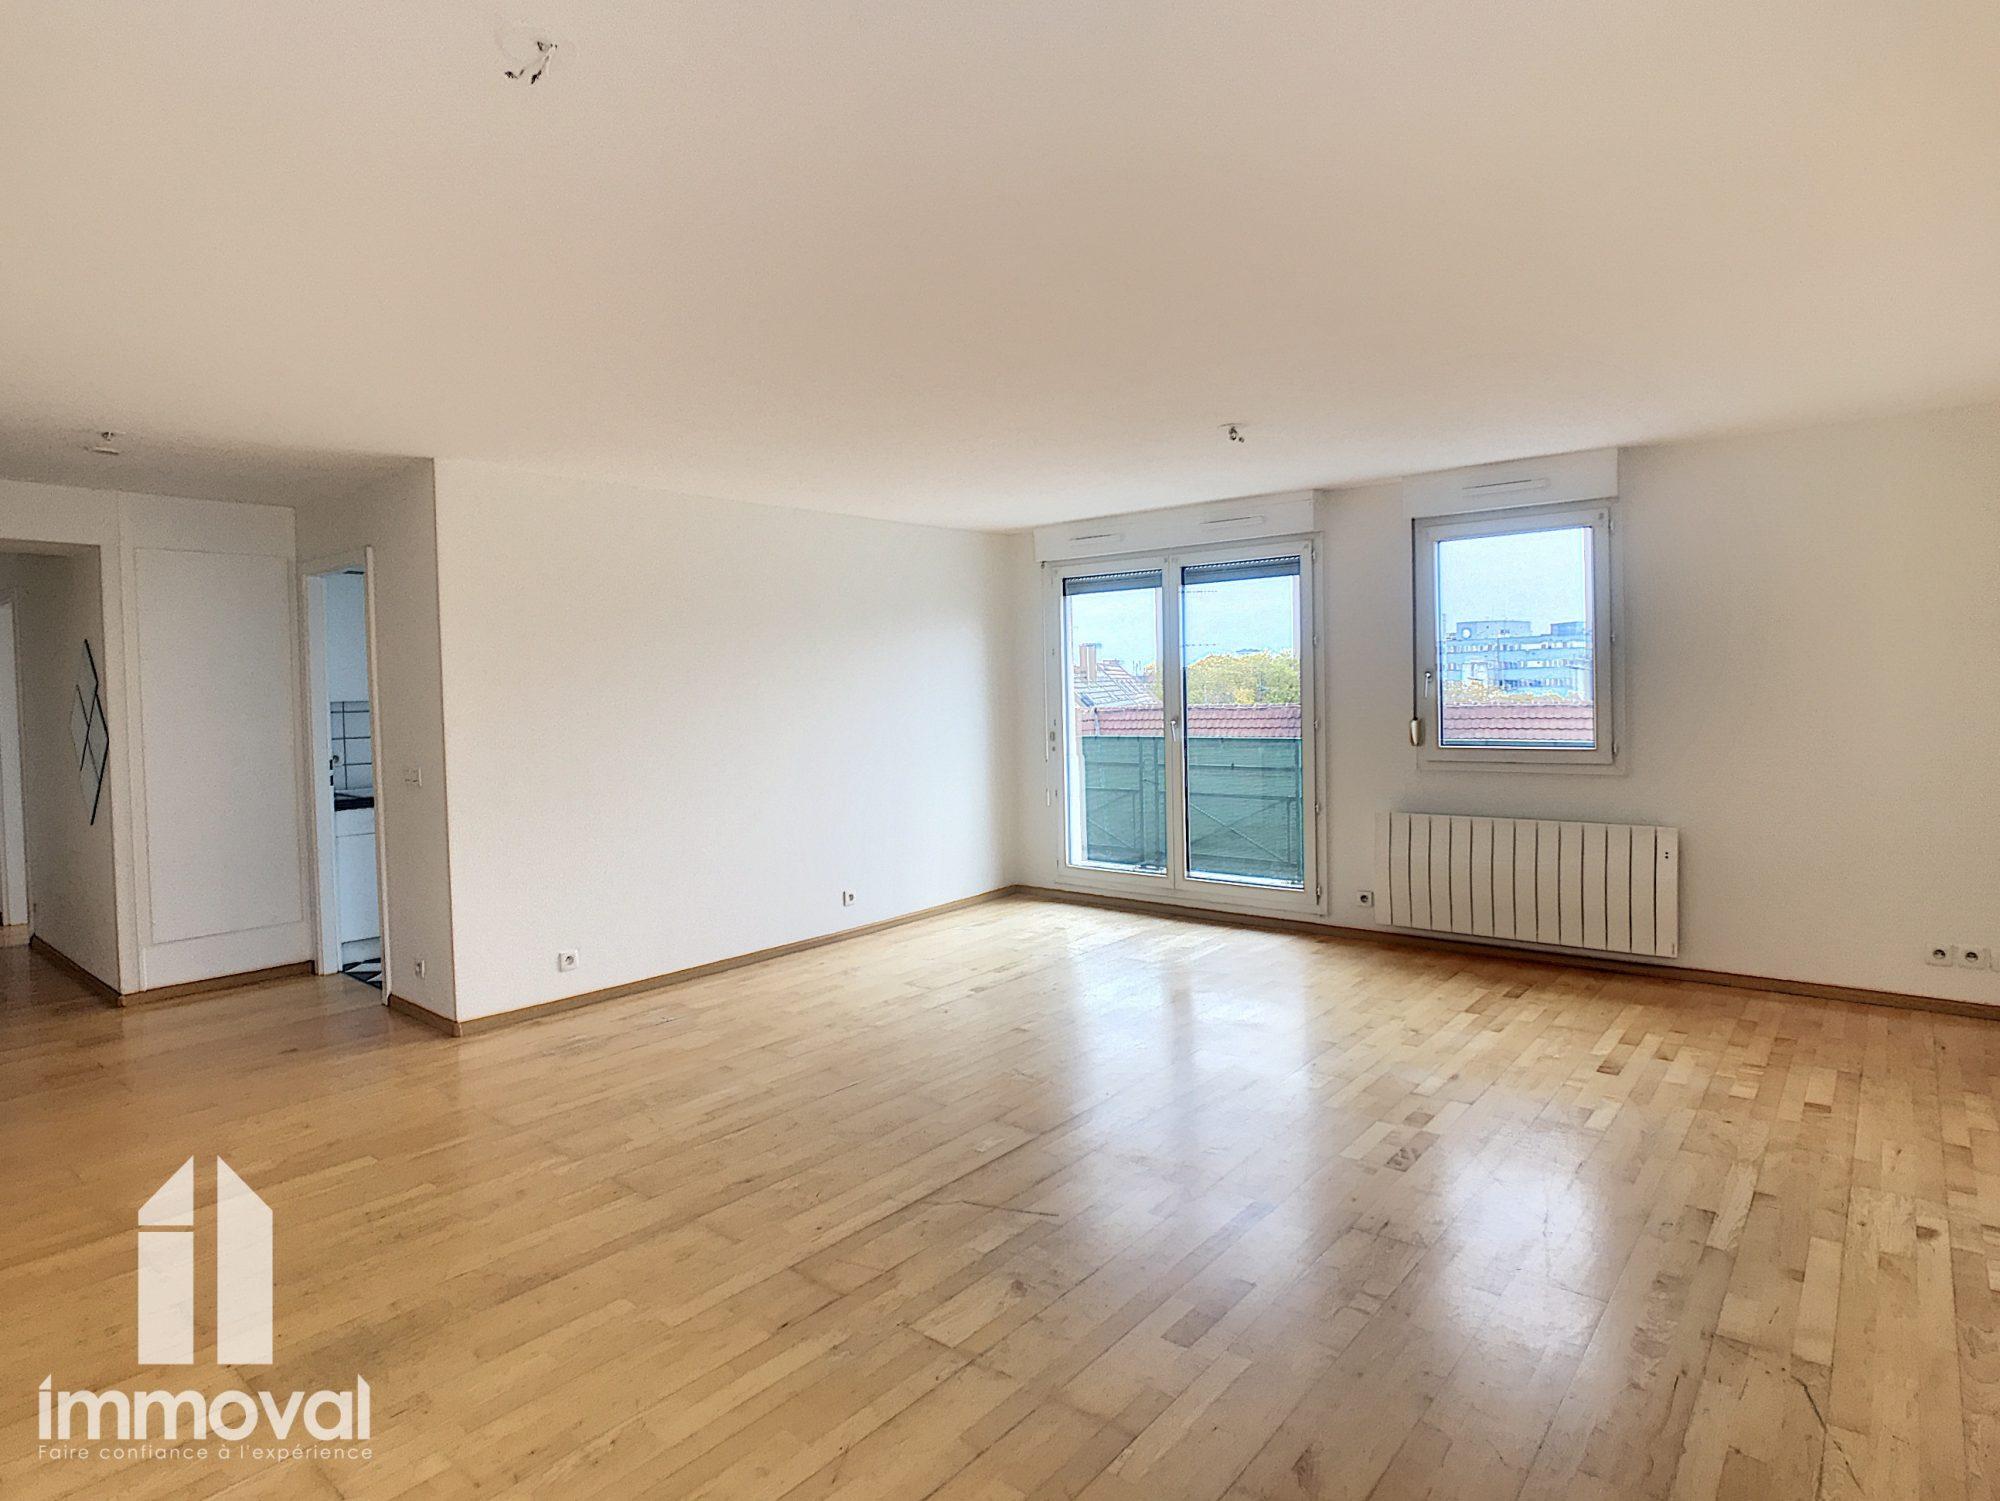 BISCHHEIM - Appartement 3 pièces de 80m2